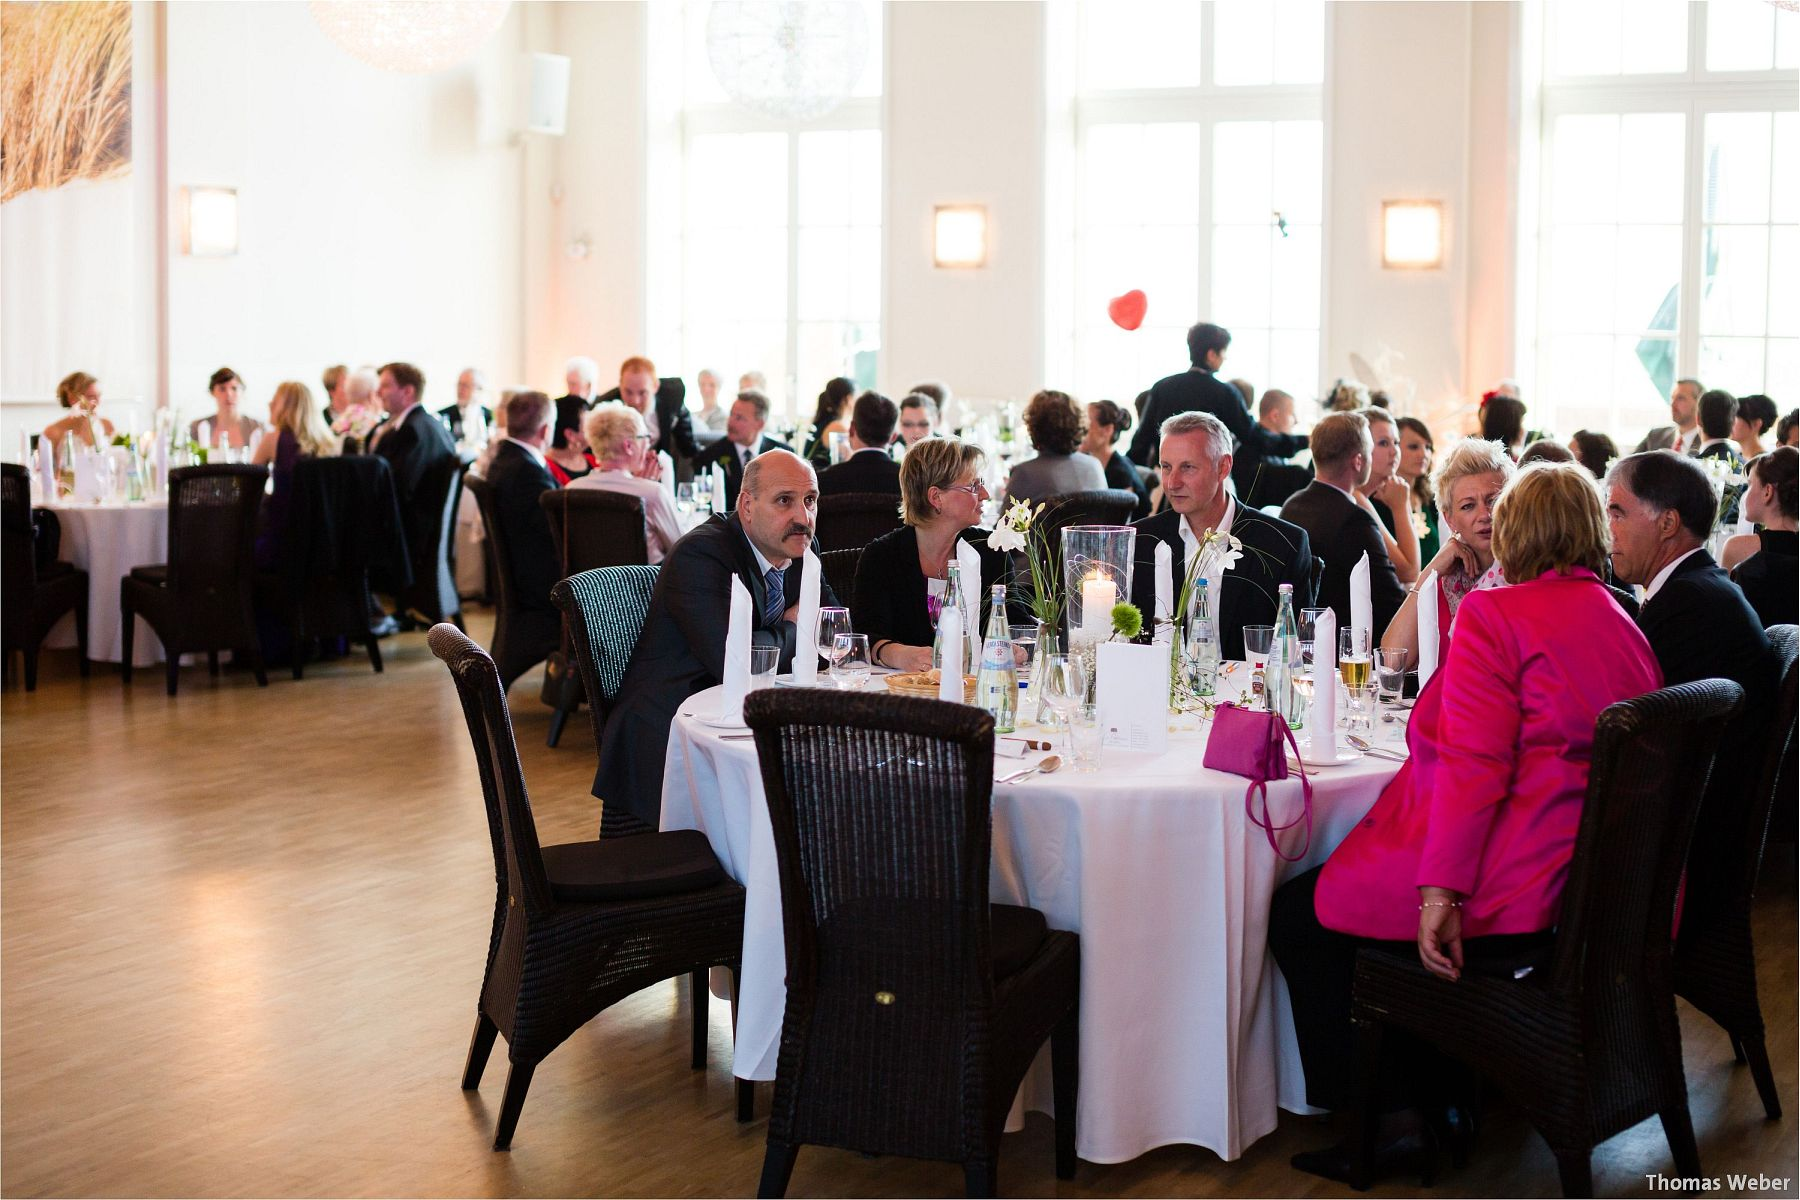 Hochzeitsfotograf Papenburg: Standesamtliche Trauung auf der Burg Kniphausen und Feier im Le Patron am Meer (68)